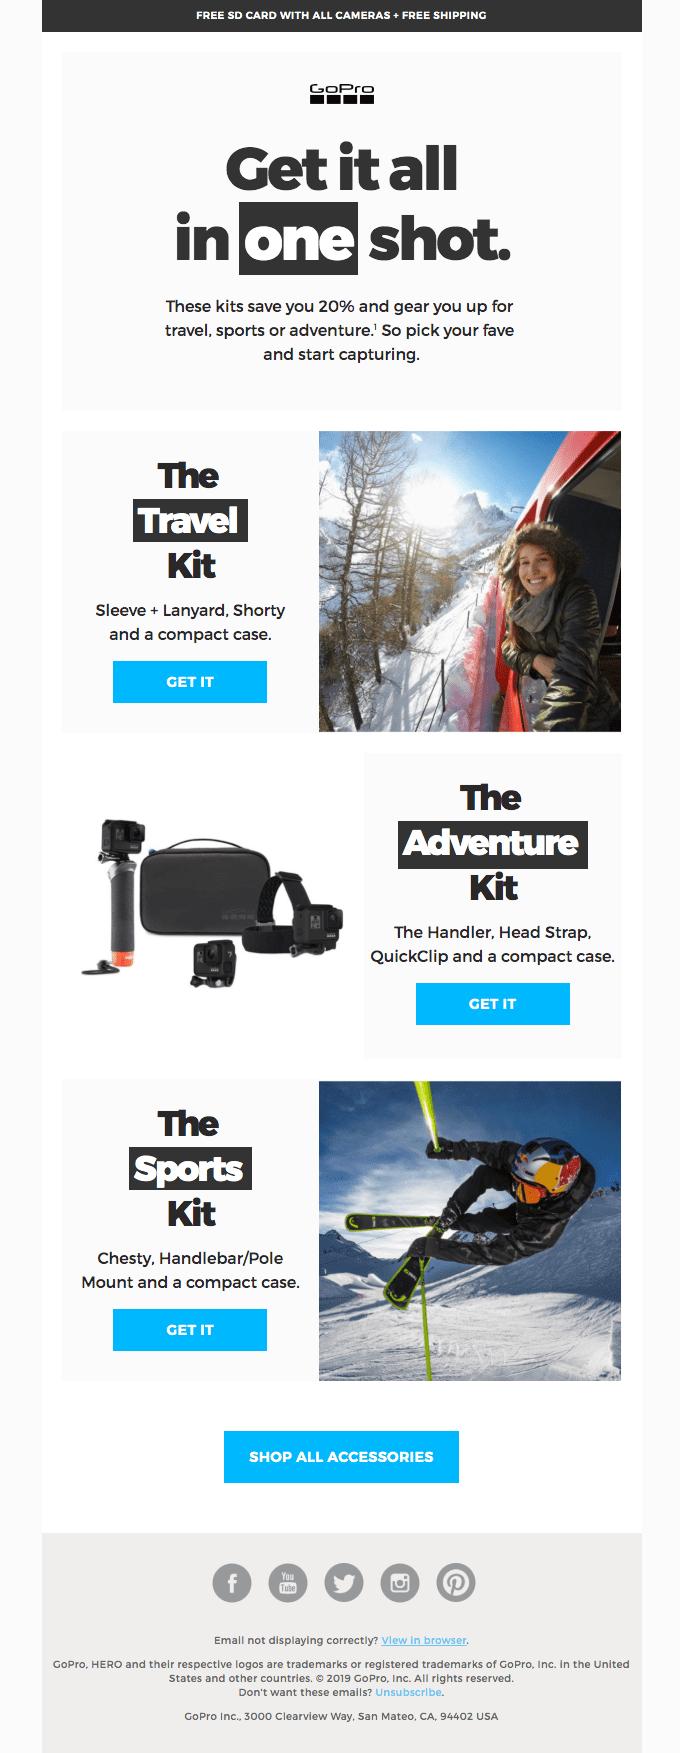 Killer kit. Killer price.